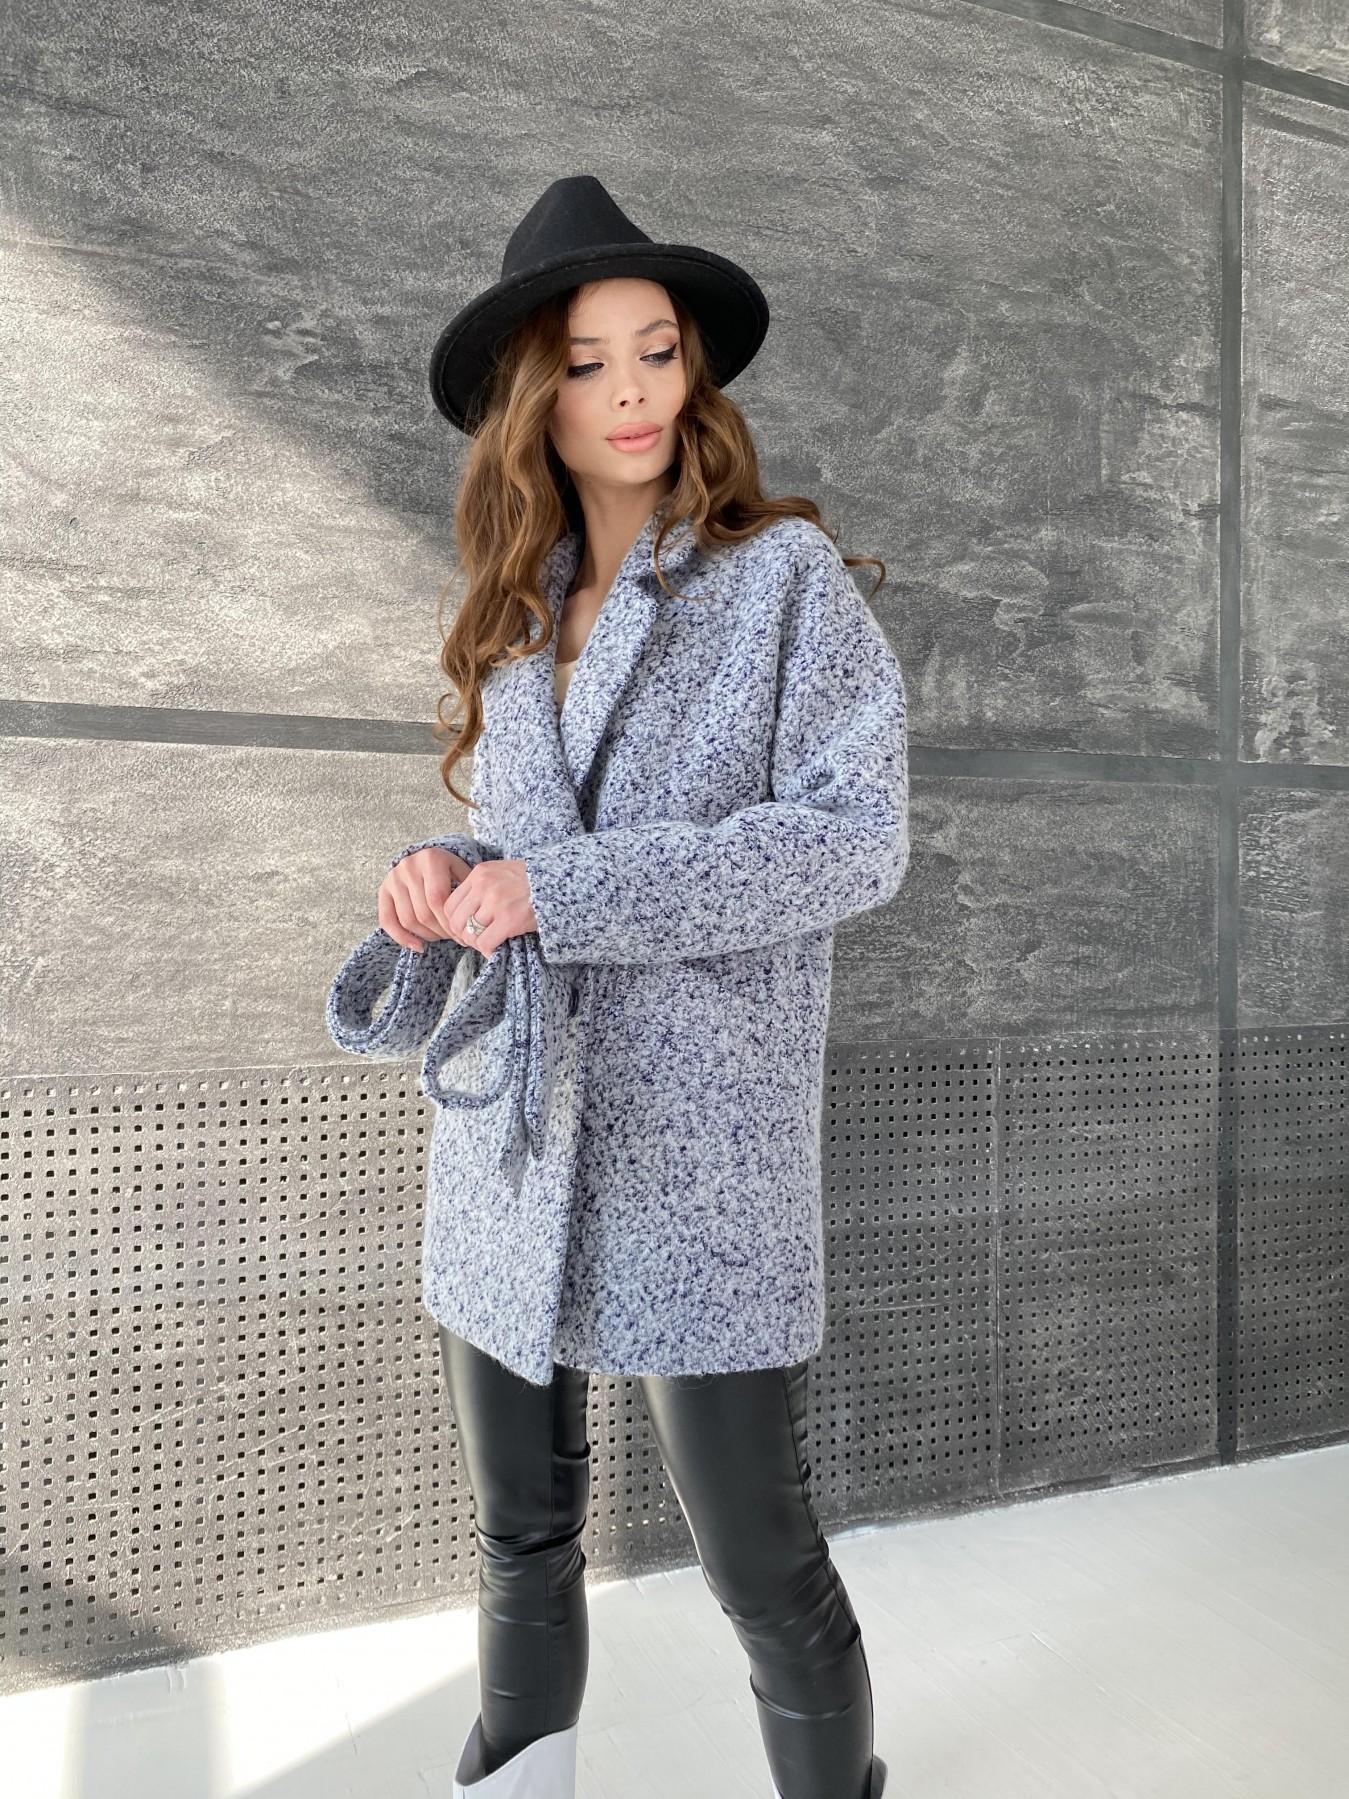 Демисезонное пальто от производителя Modus Бонд пальто из шерсти букле  10770